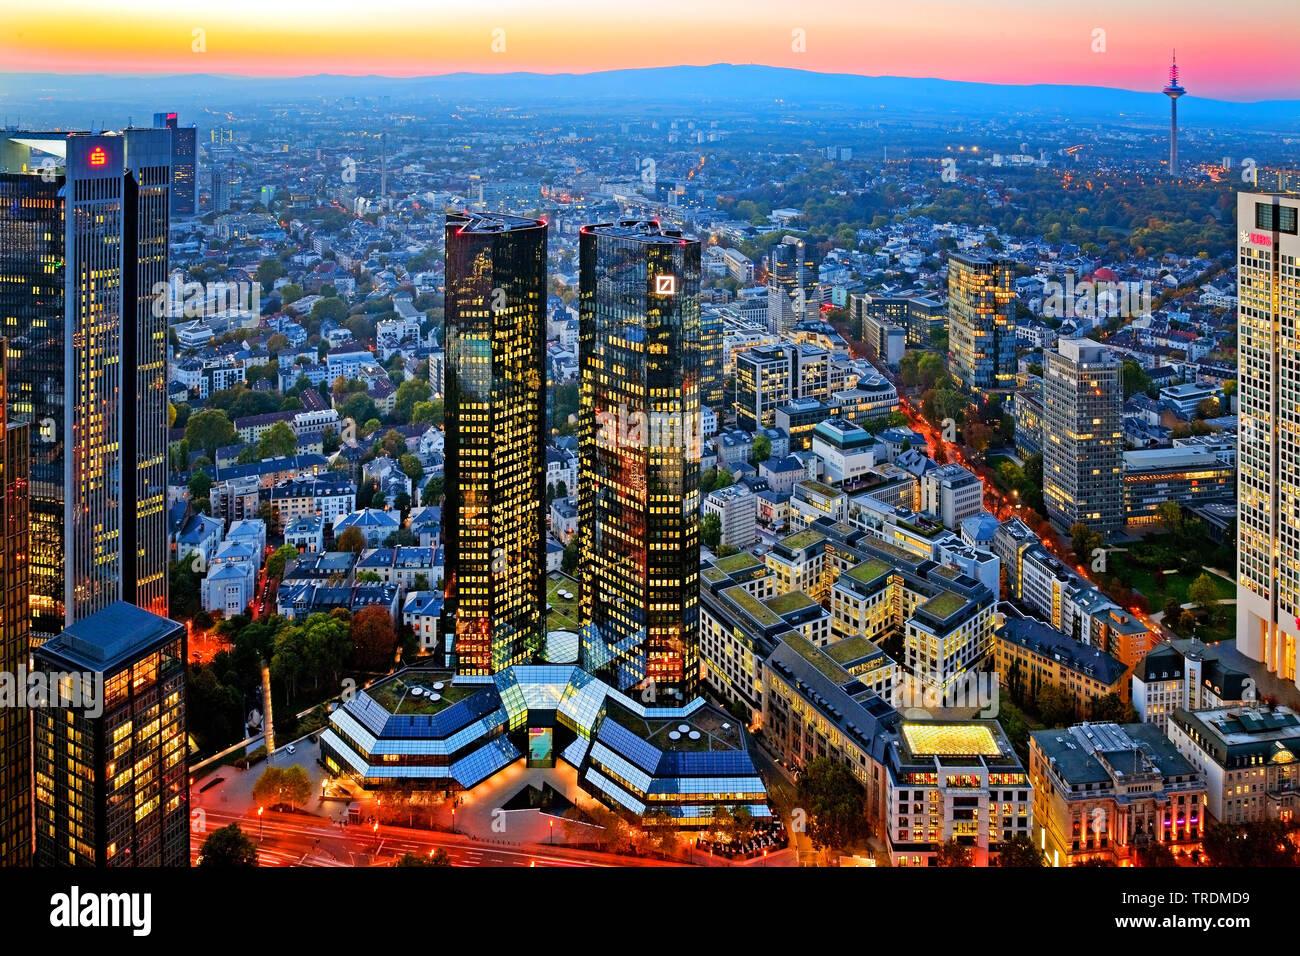 verspiegelte  Zwillingstuerme der Deutschen Bank in der Daemmerung, Konzernzentrale, Deutschland, Hessen, Frankfurt am Main | mirrored Deutsche Bank T - Stock Image